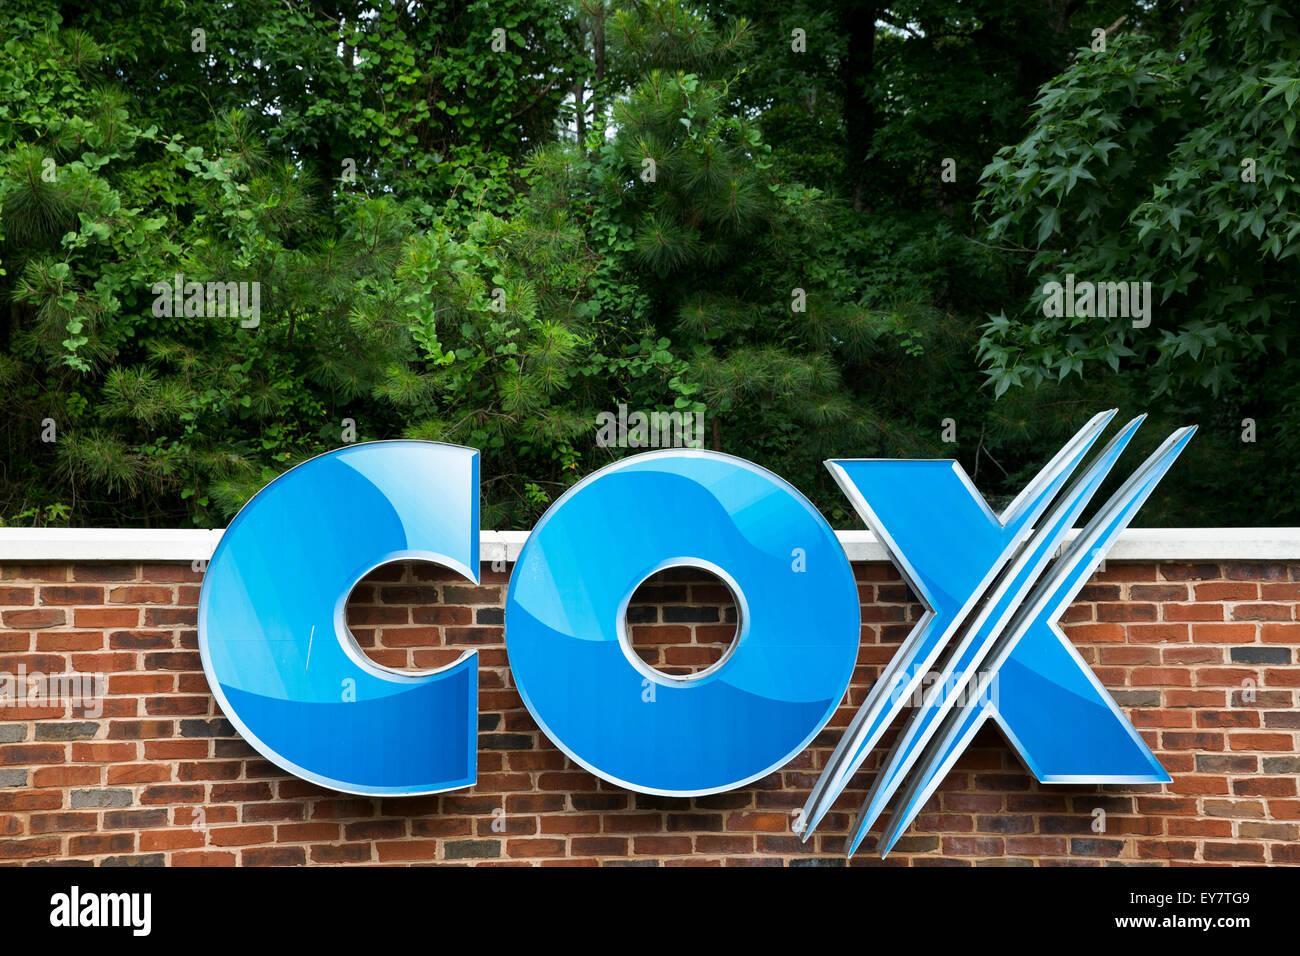 cox communications inc 1999 MaestrÍa en finanzas asignatura: finanzas corporativas profesor: luis piazzon, phd tÍtulo del trabajo: caso cox communications, inc 1999 el presente trabajo ha.